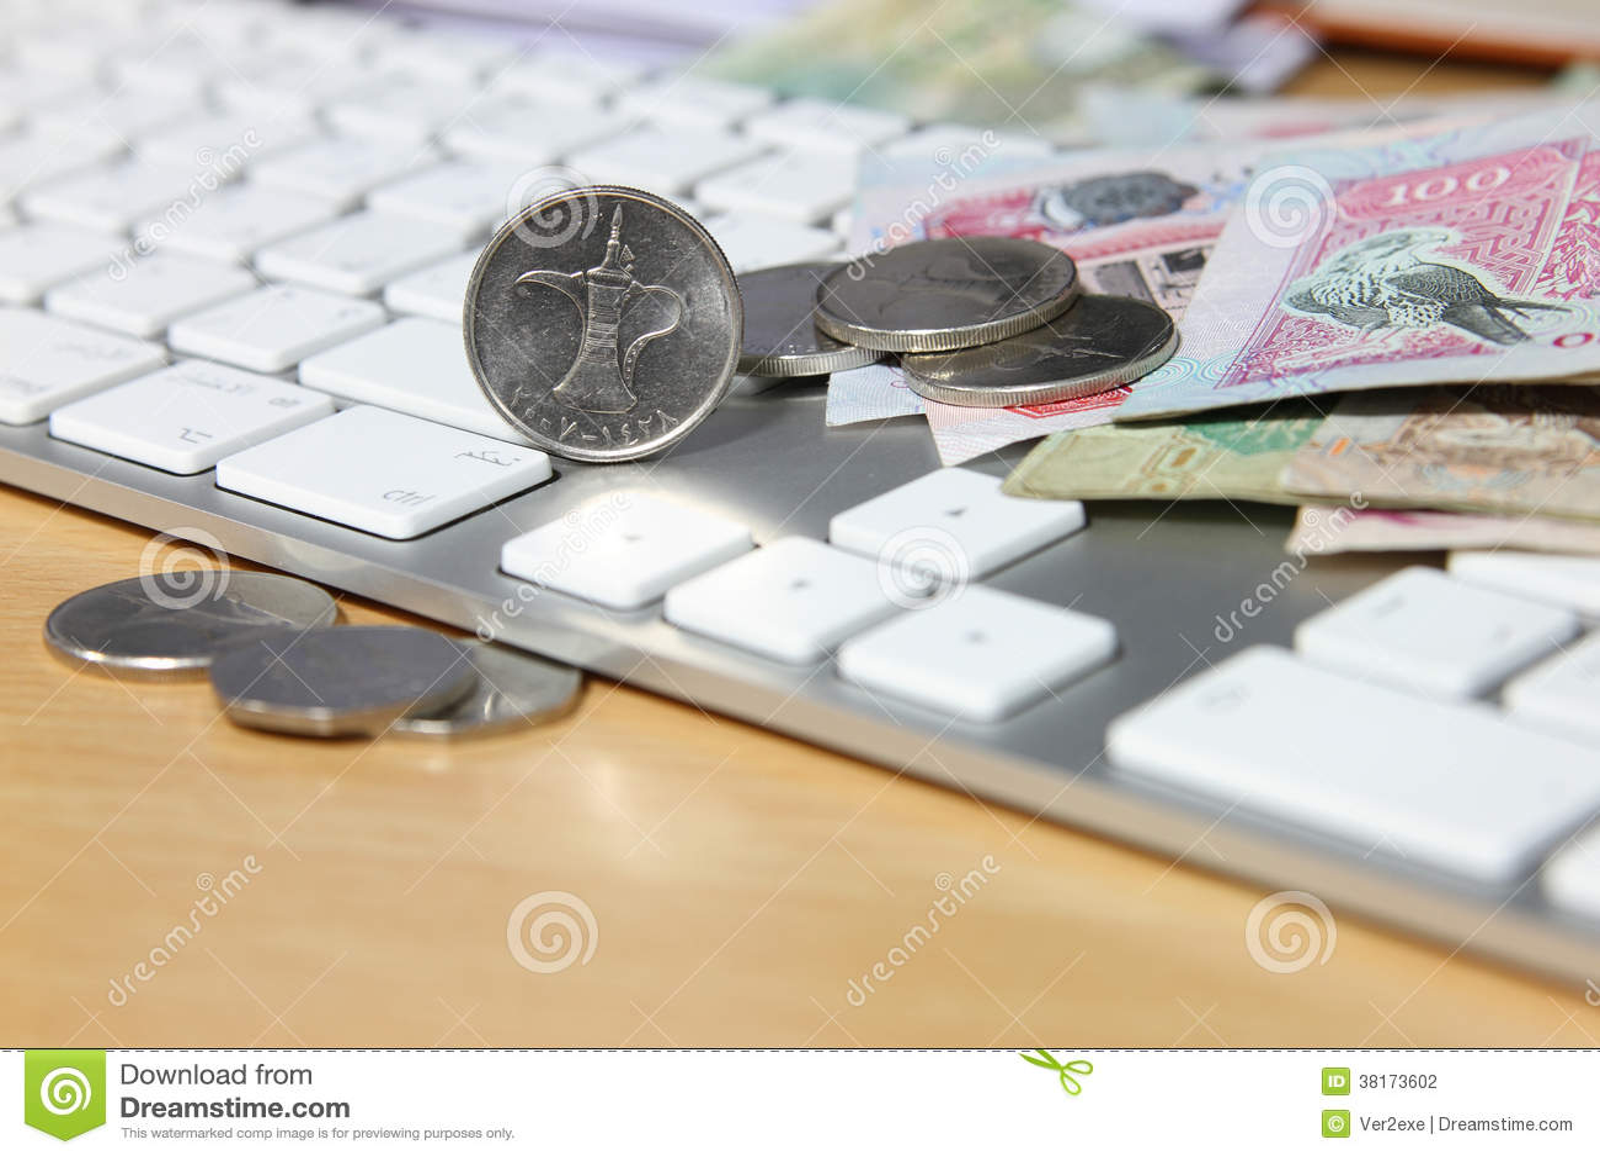 网上交易概念